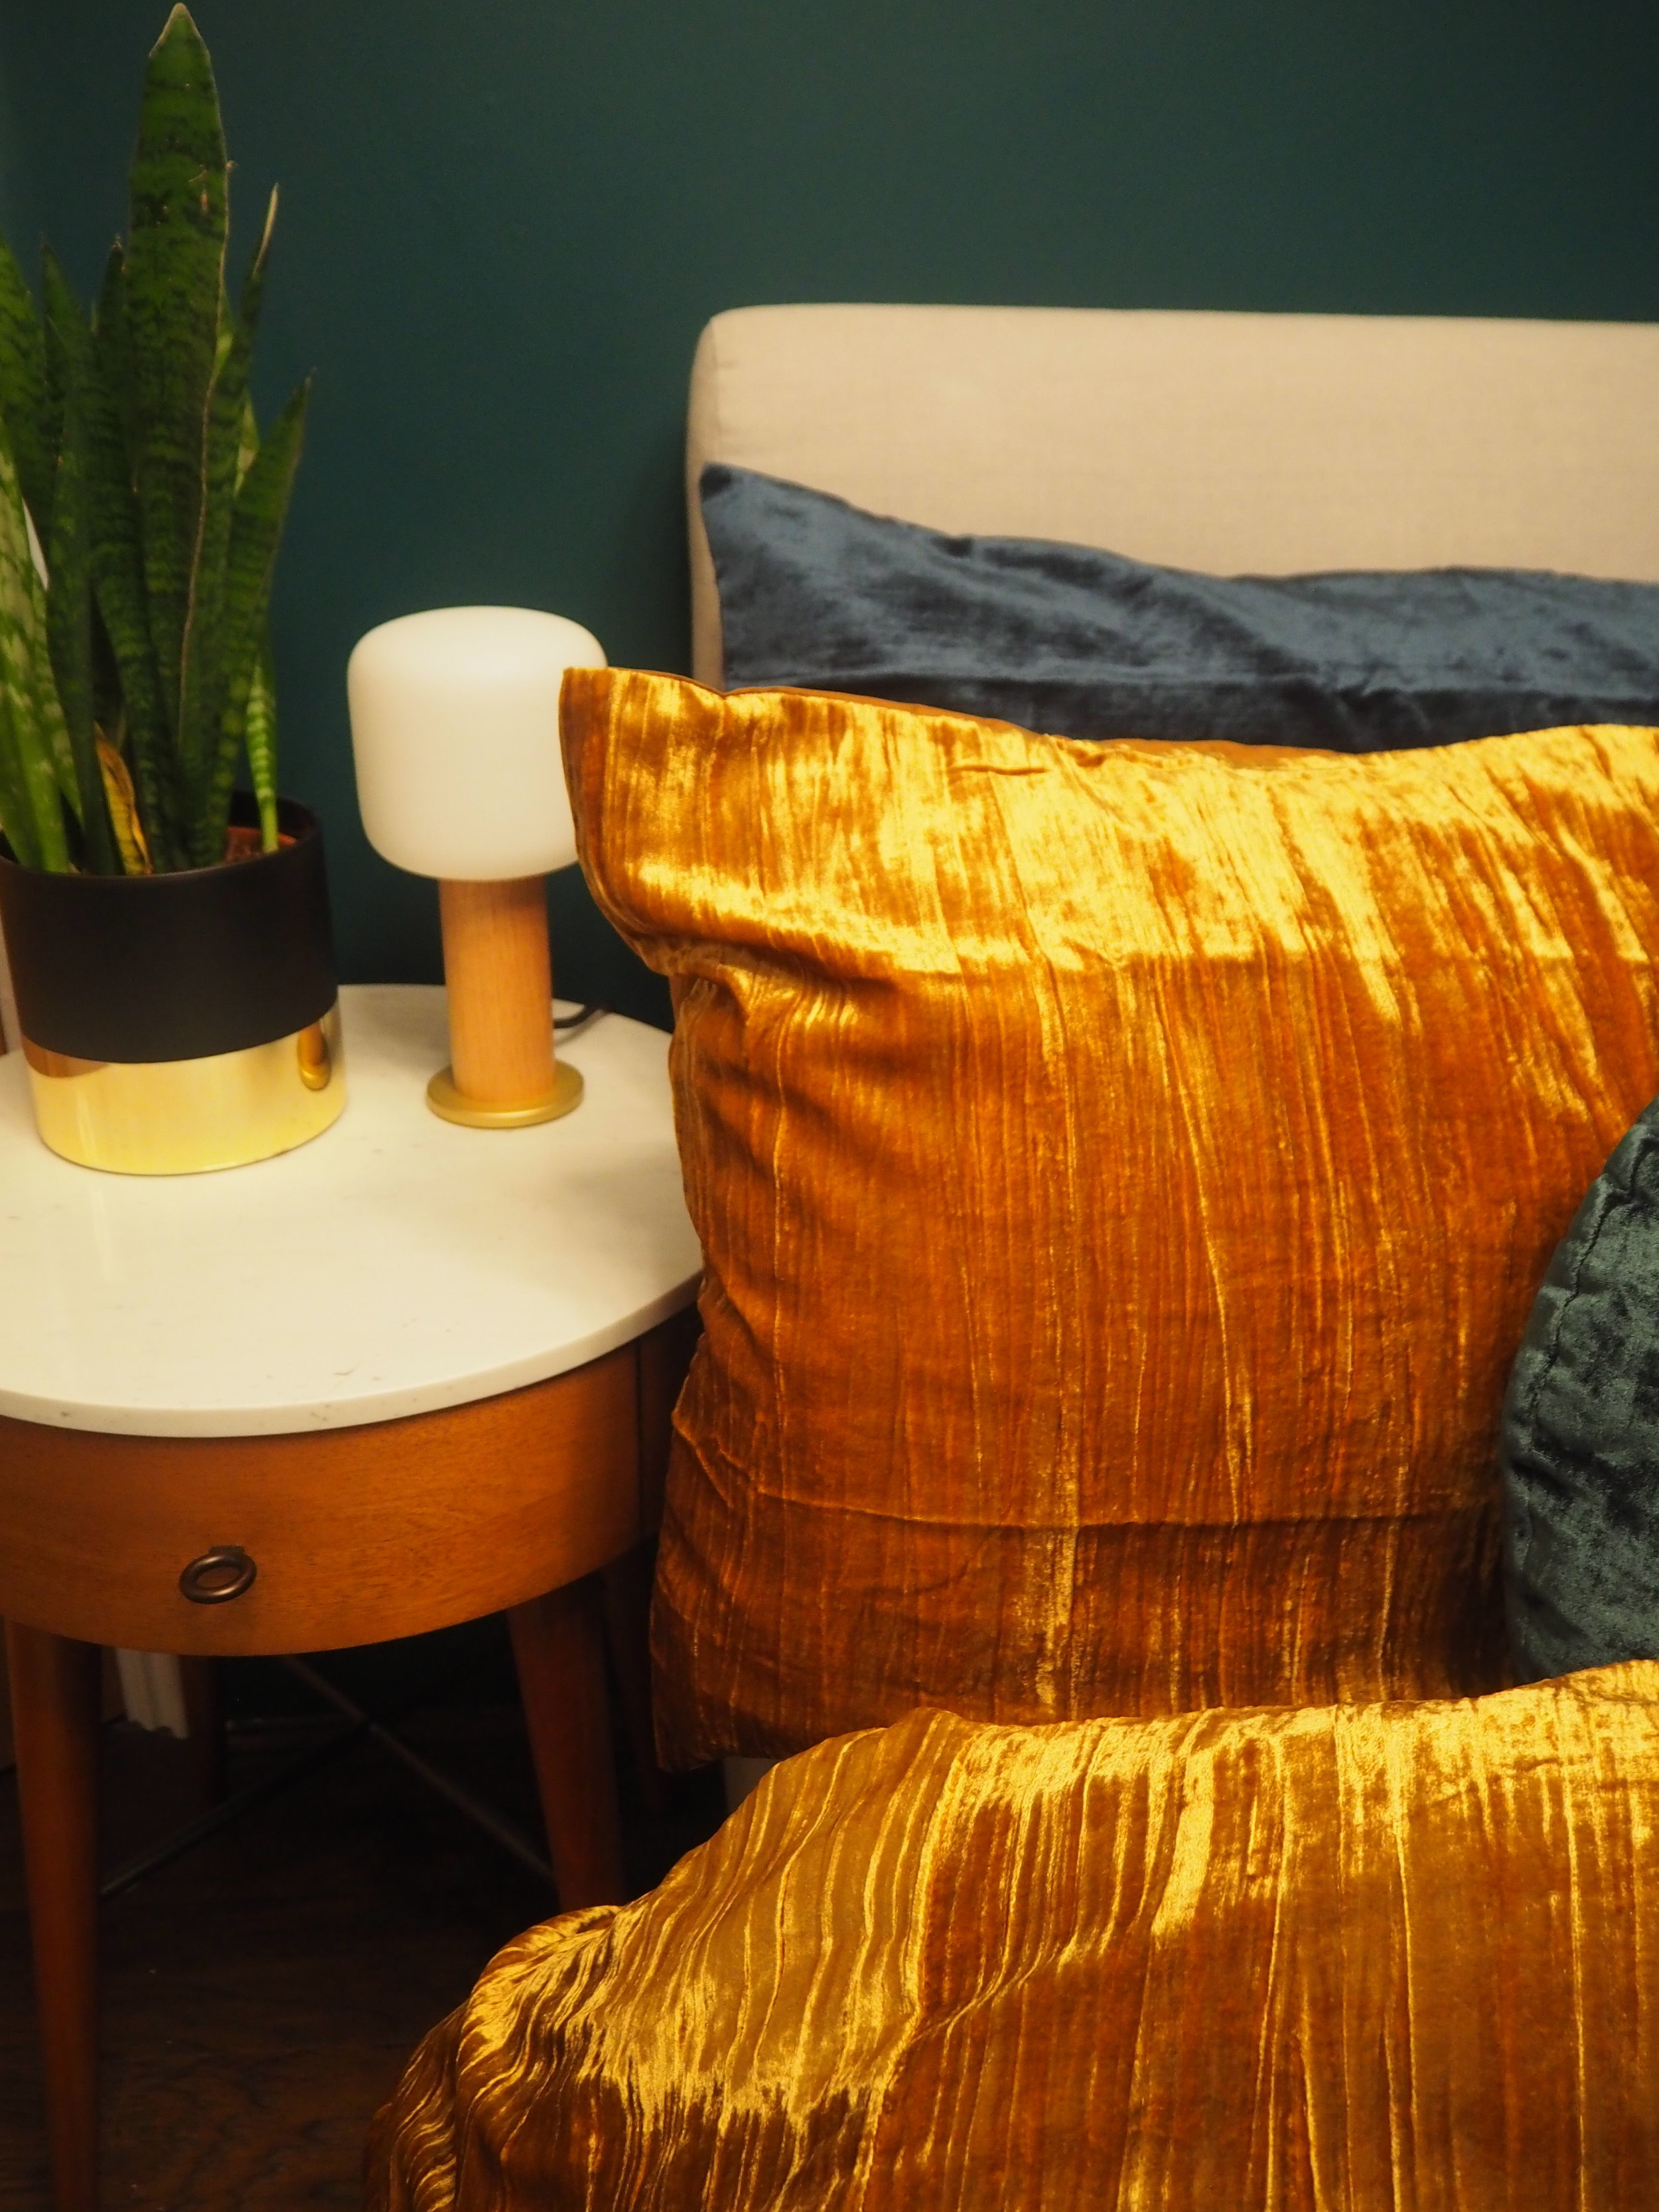 Crinkle Velvet Duvet Cover + Pillowcases   - Golden Oaks £149 from   West Elm   ;    Washed Cotton Lustre Velvet Duvet Cover + Pillowcases - Regal Blue   £149 from   West Elm   ;    Obla Oak touch lamp    £155  from     Tala   ,